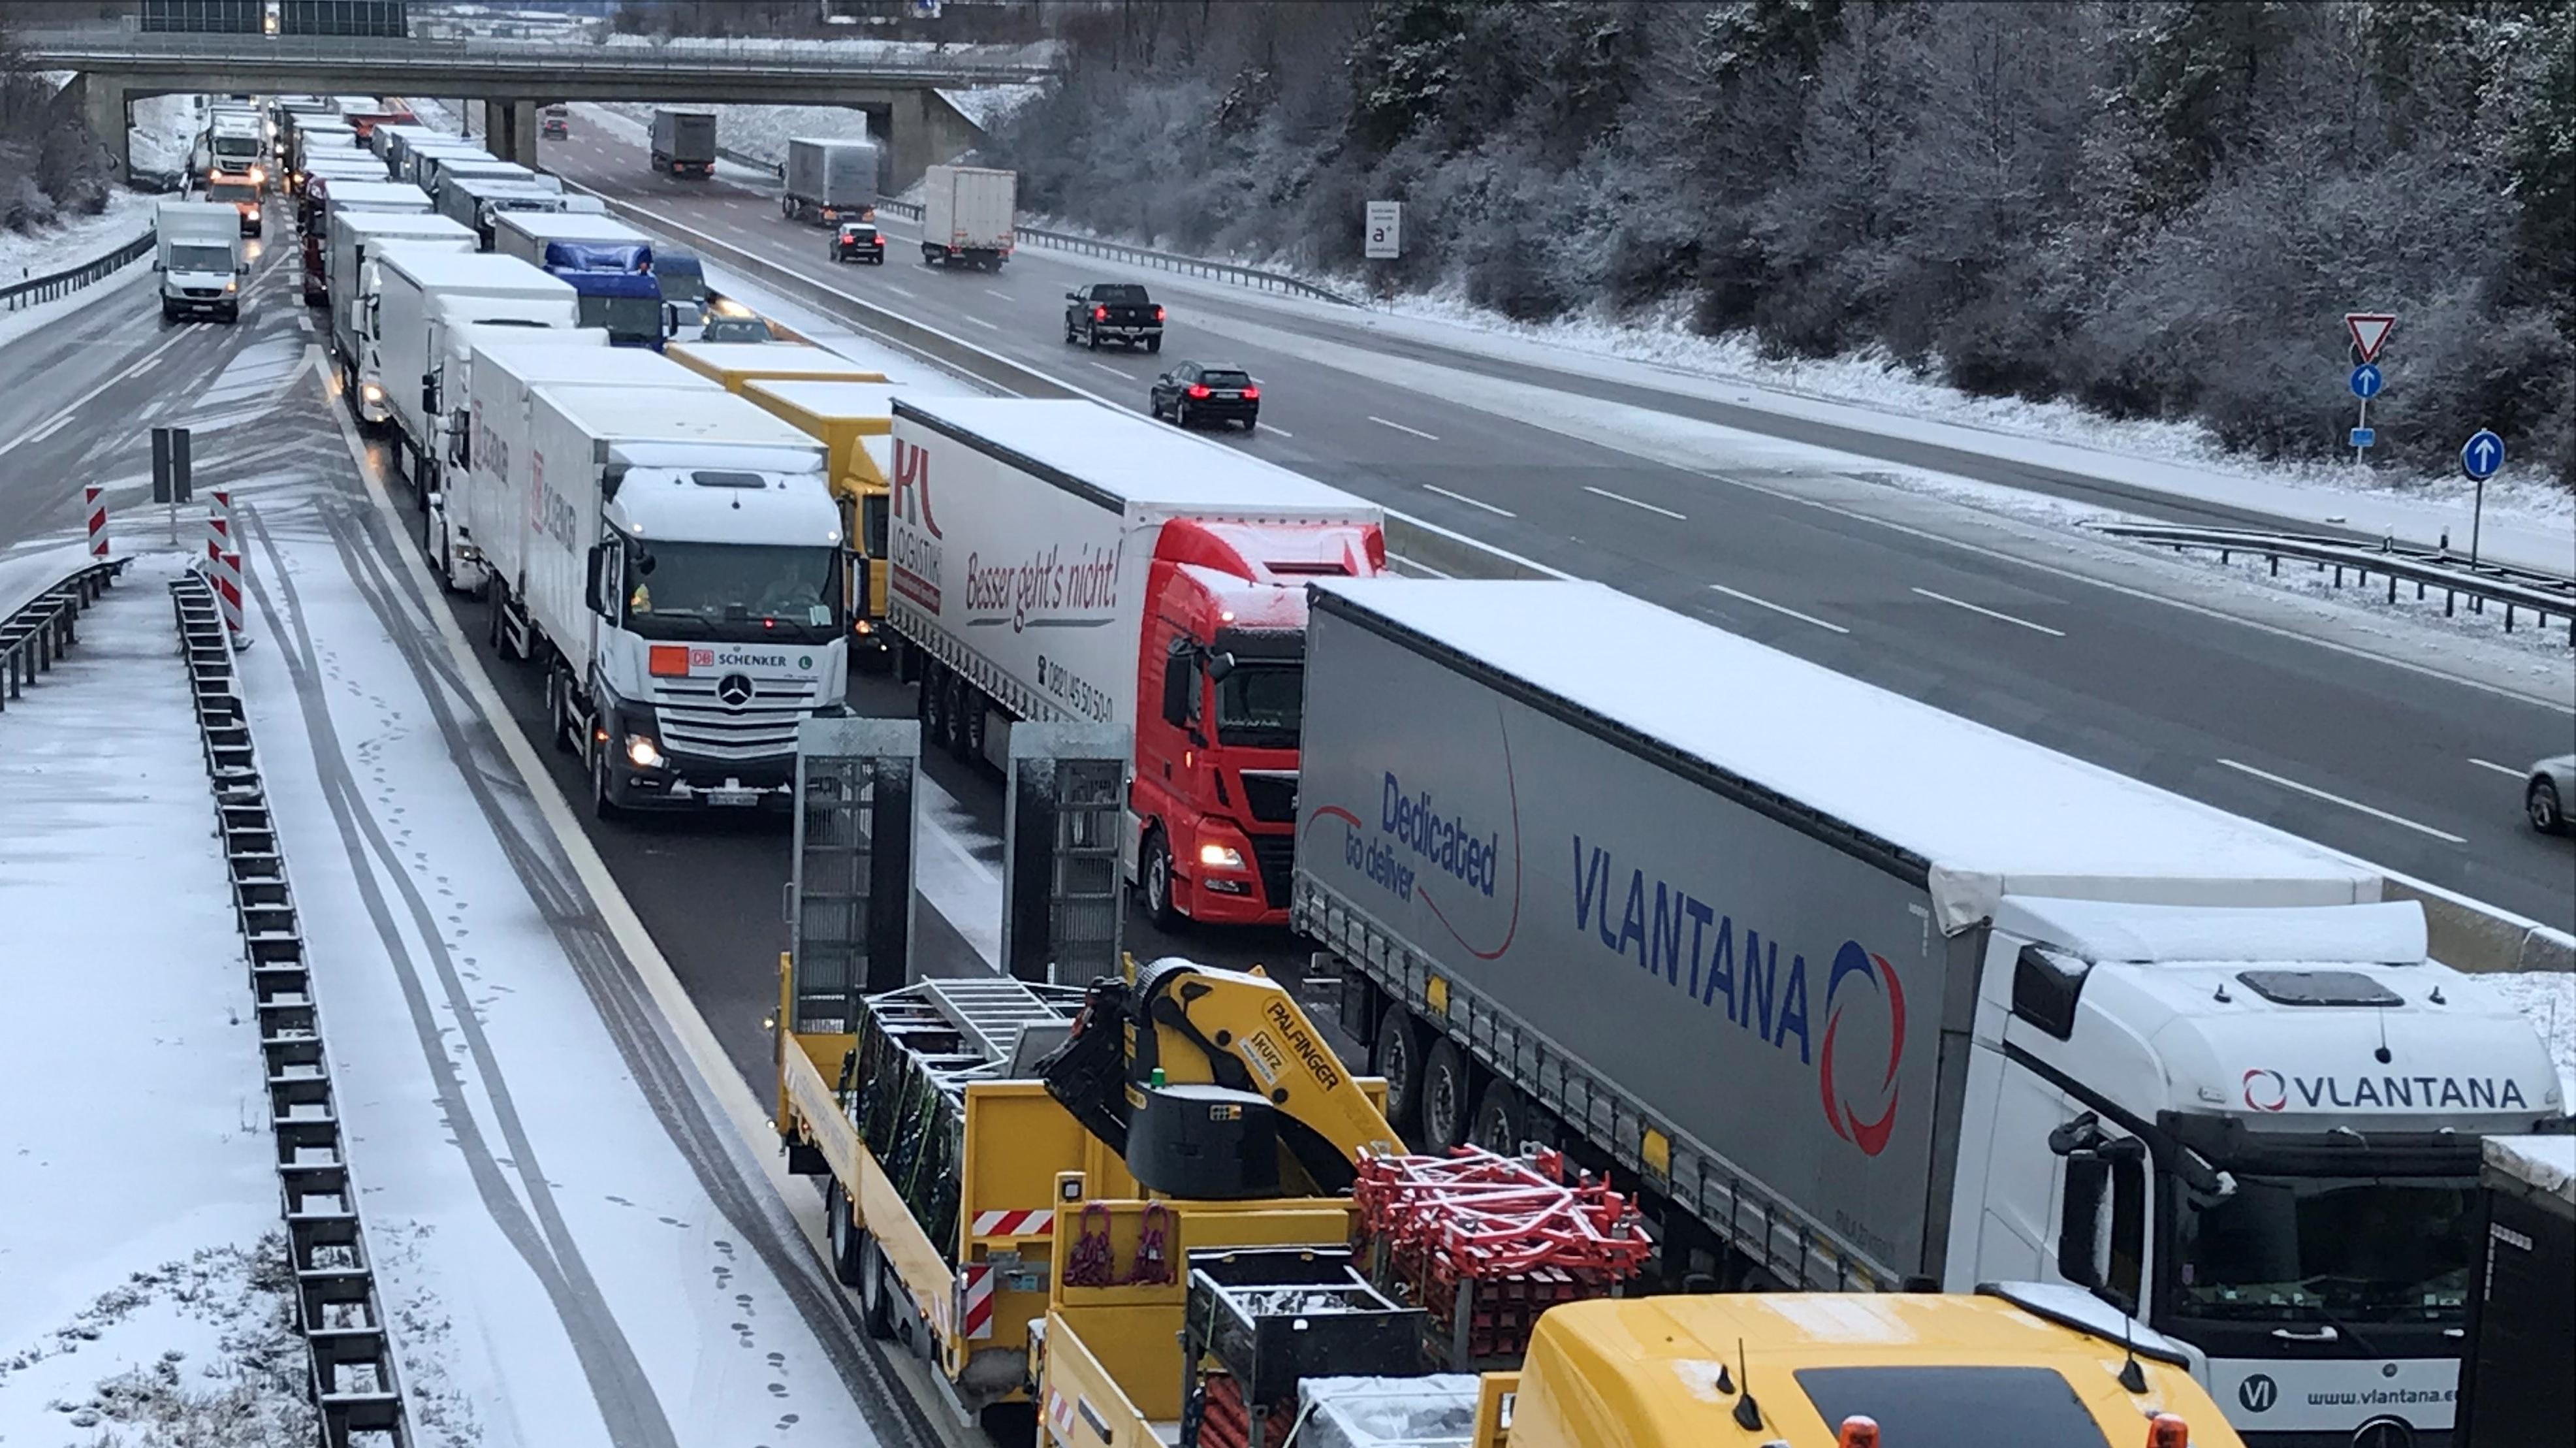 Stau auf der A8 bei Augsburg